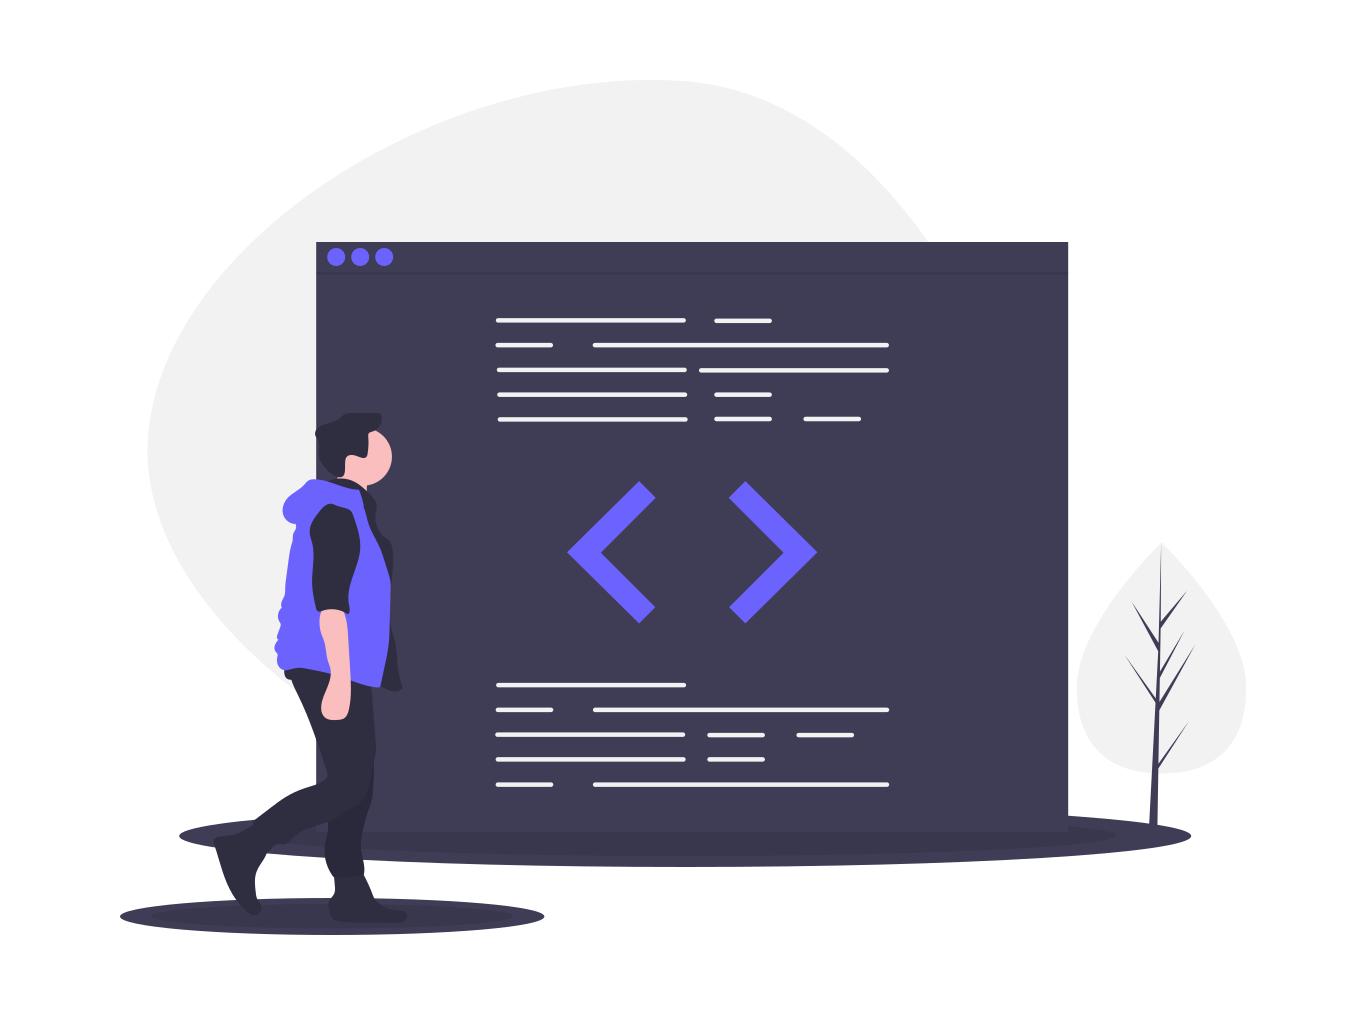 monolith of code